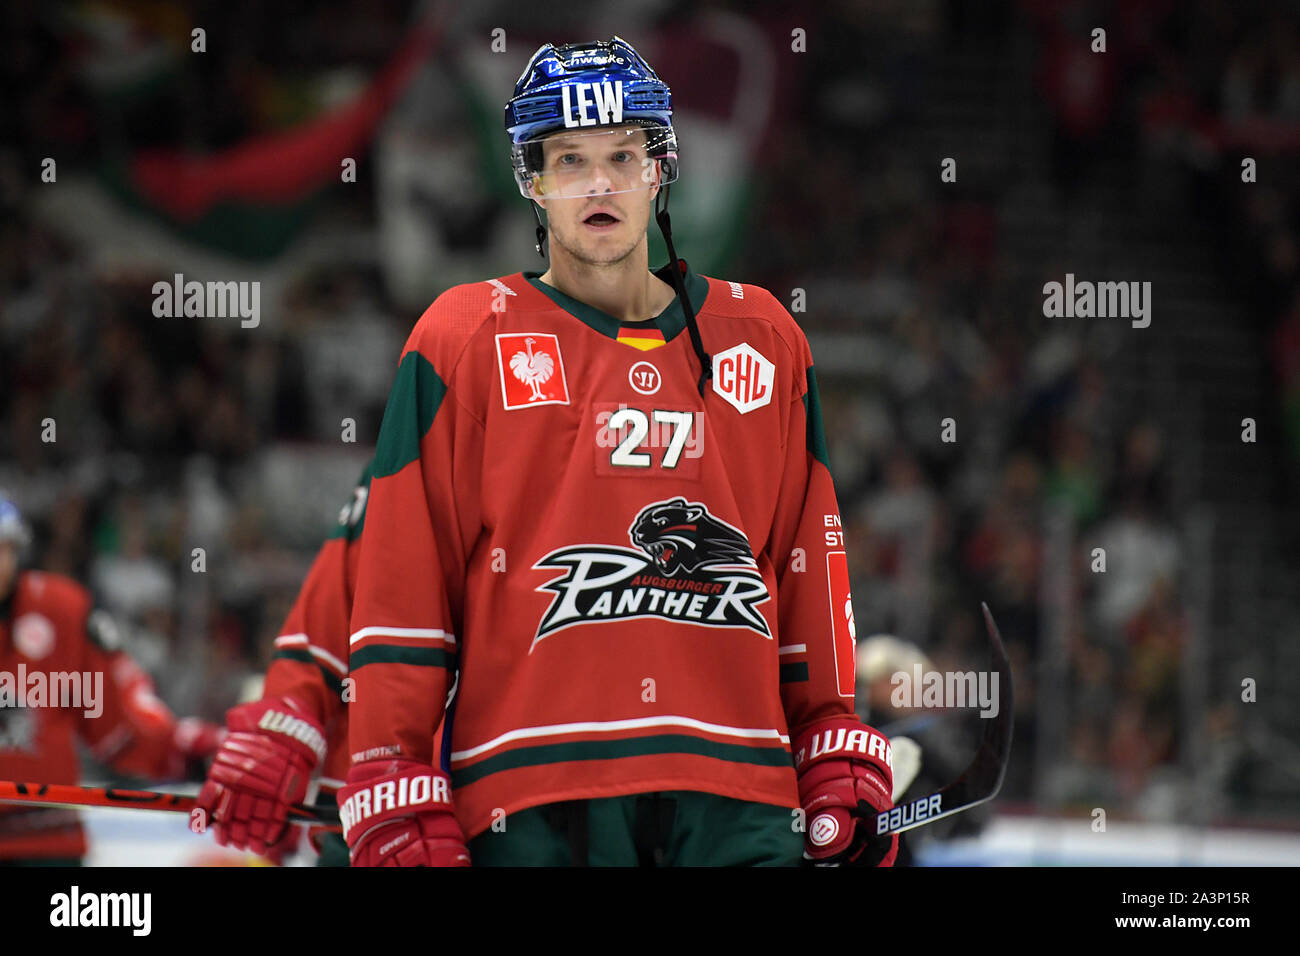 08.10.2019, xemx, Eishockey Champions Hockey League, Augsburger Panther - Bili Tygri Liberec emspor, v.l. Mannschaft, Vorgängerbaues verspielte, enttaeuscht, enttaeusc Stockfoto